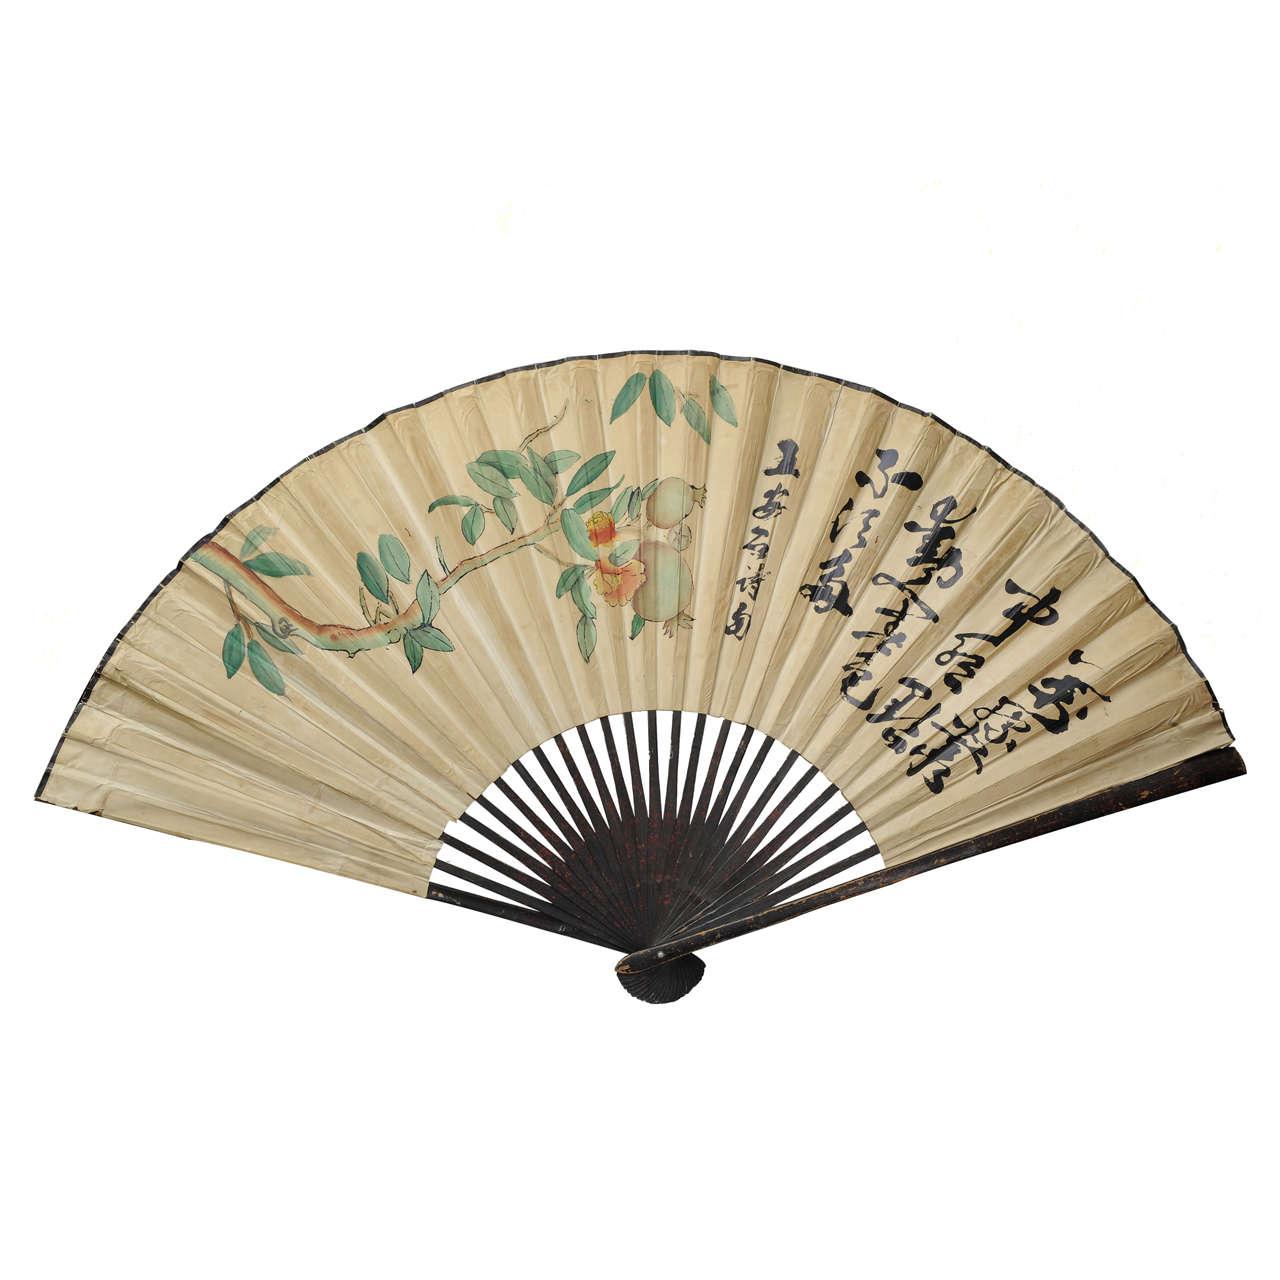 Francesca bolsi antique design otto sgabelli in legno for Oggettistica giapponese milano